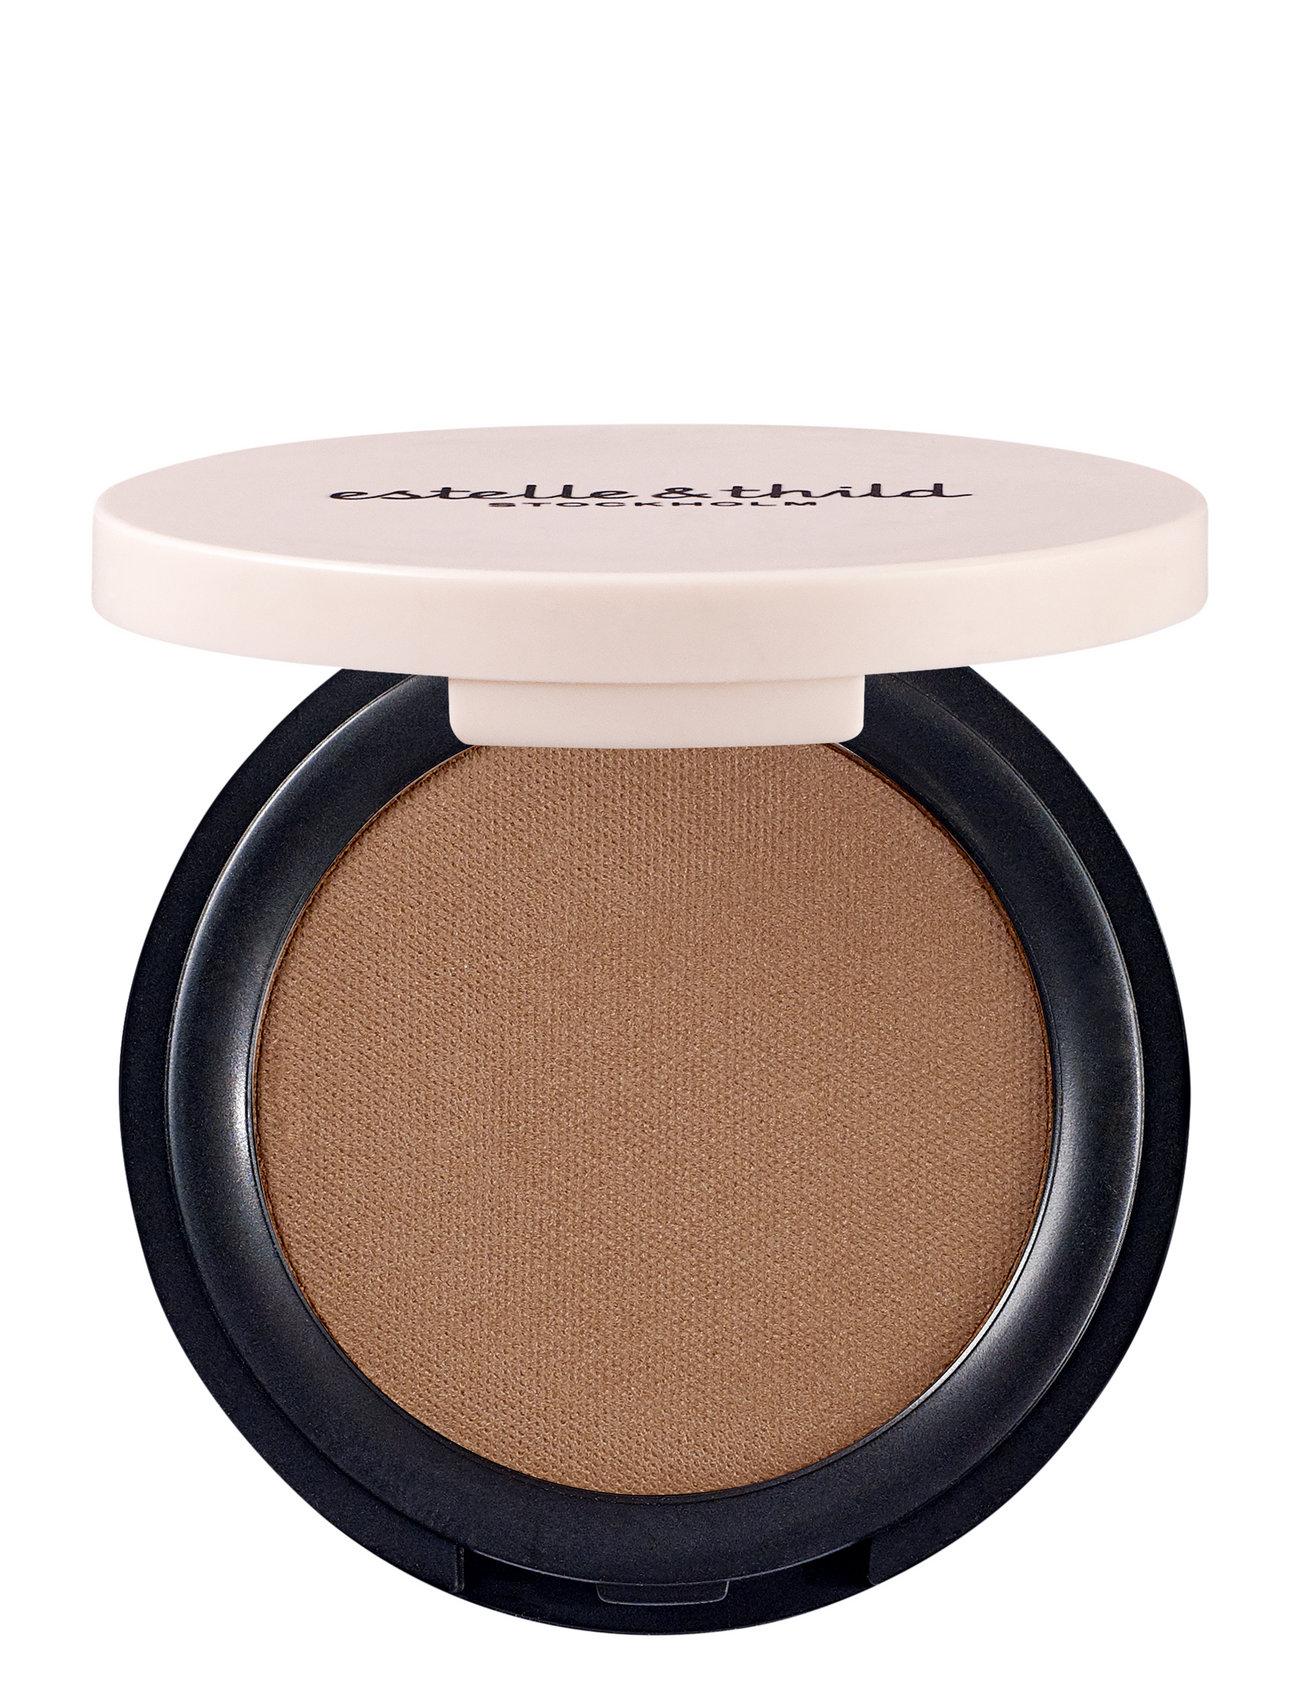 Biomineral Silky Eyeshadow Walnut - Estelle & Thild